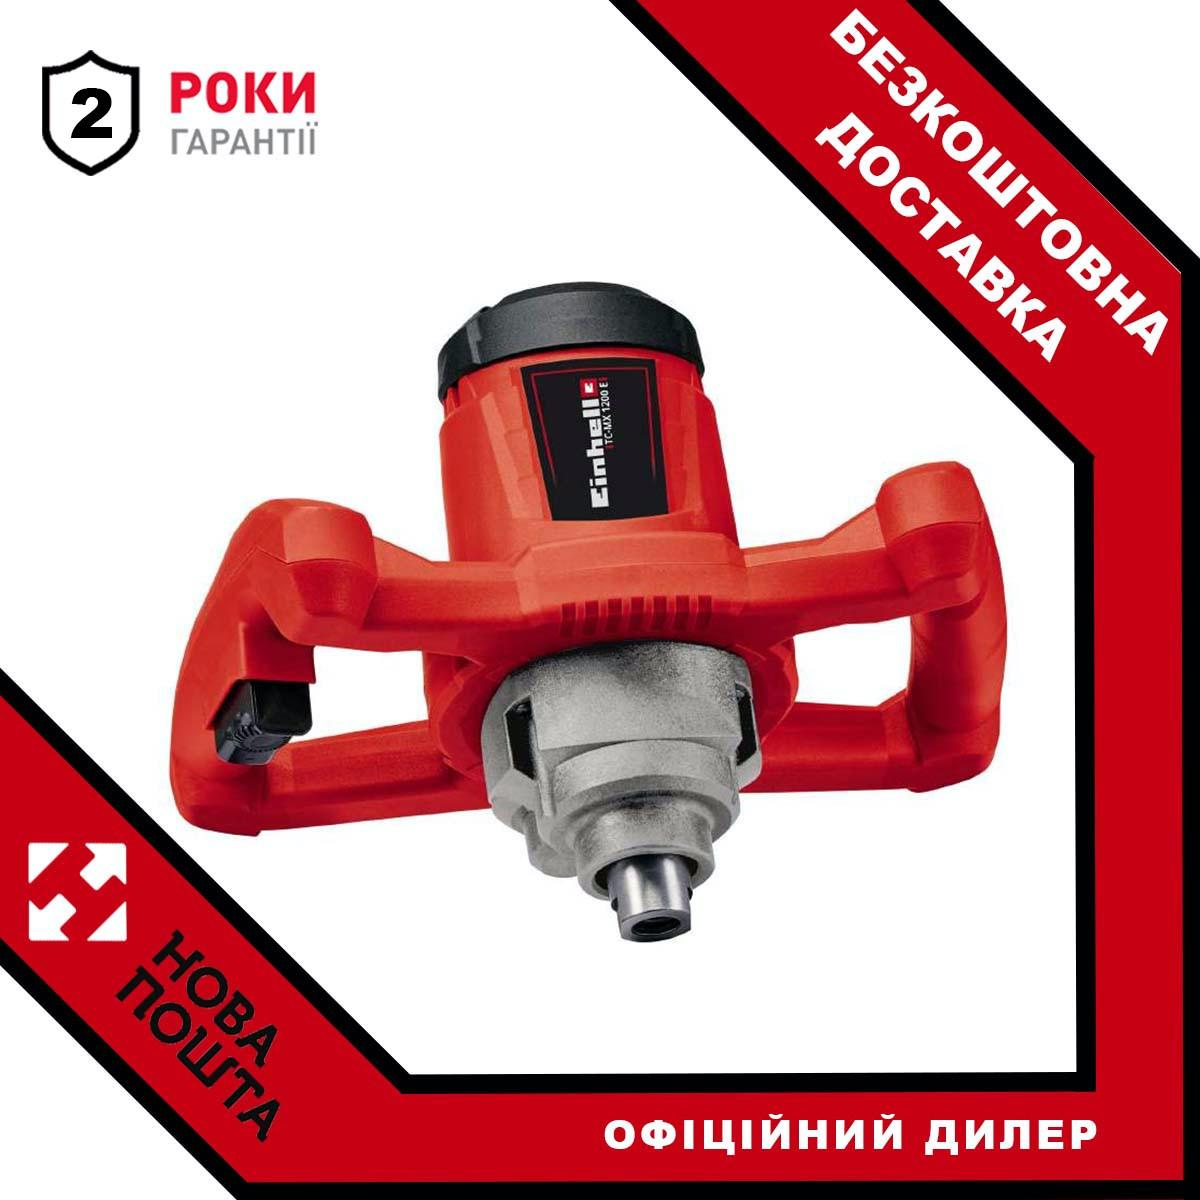 Электрический строительный дрель-миксер для раствора Einhell TC- MX 1200 E 4258545 миксер-мешалка